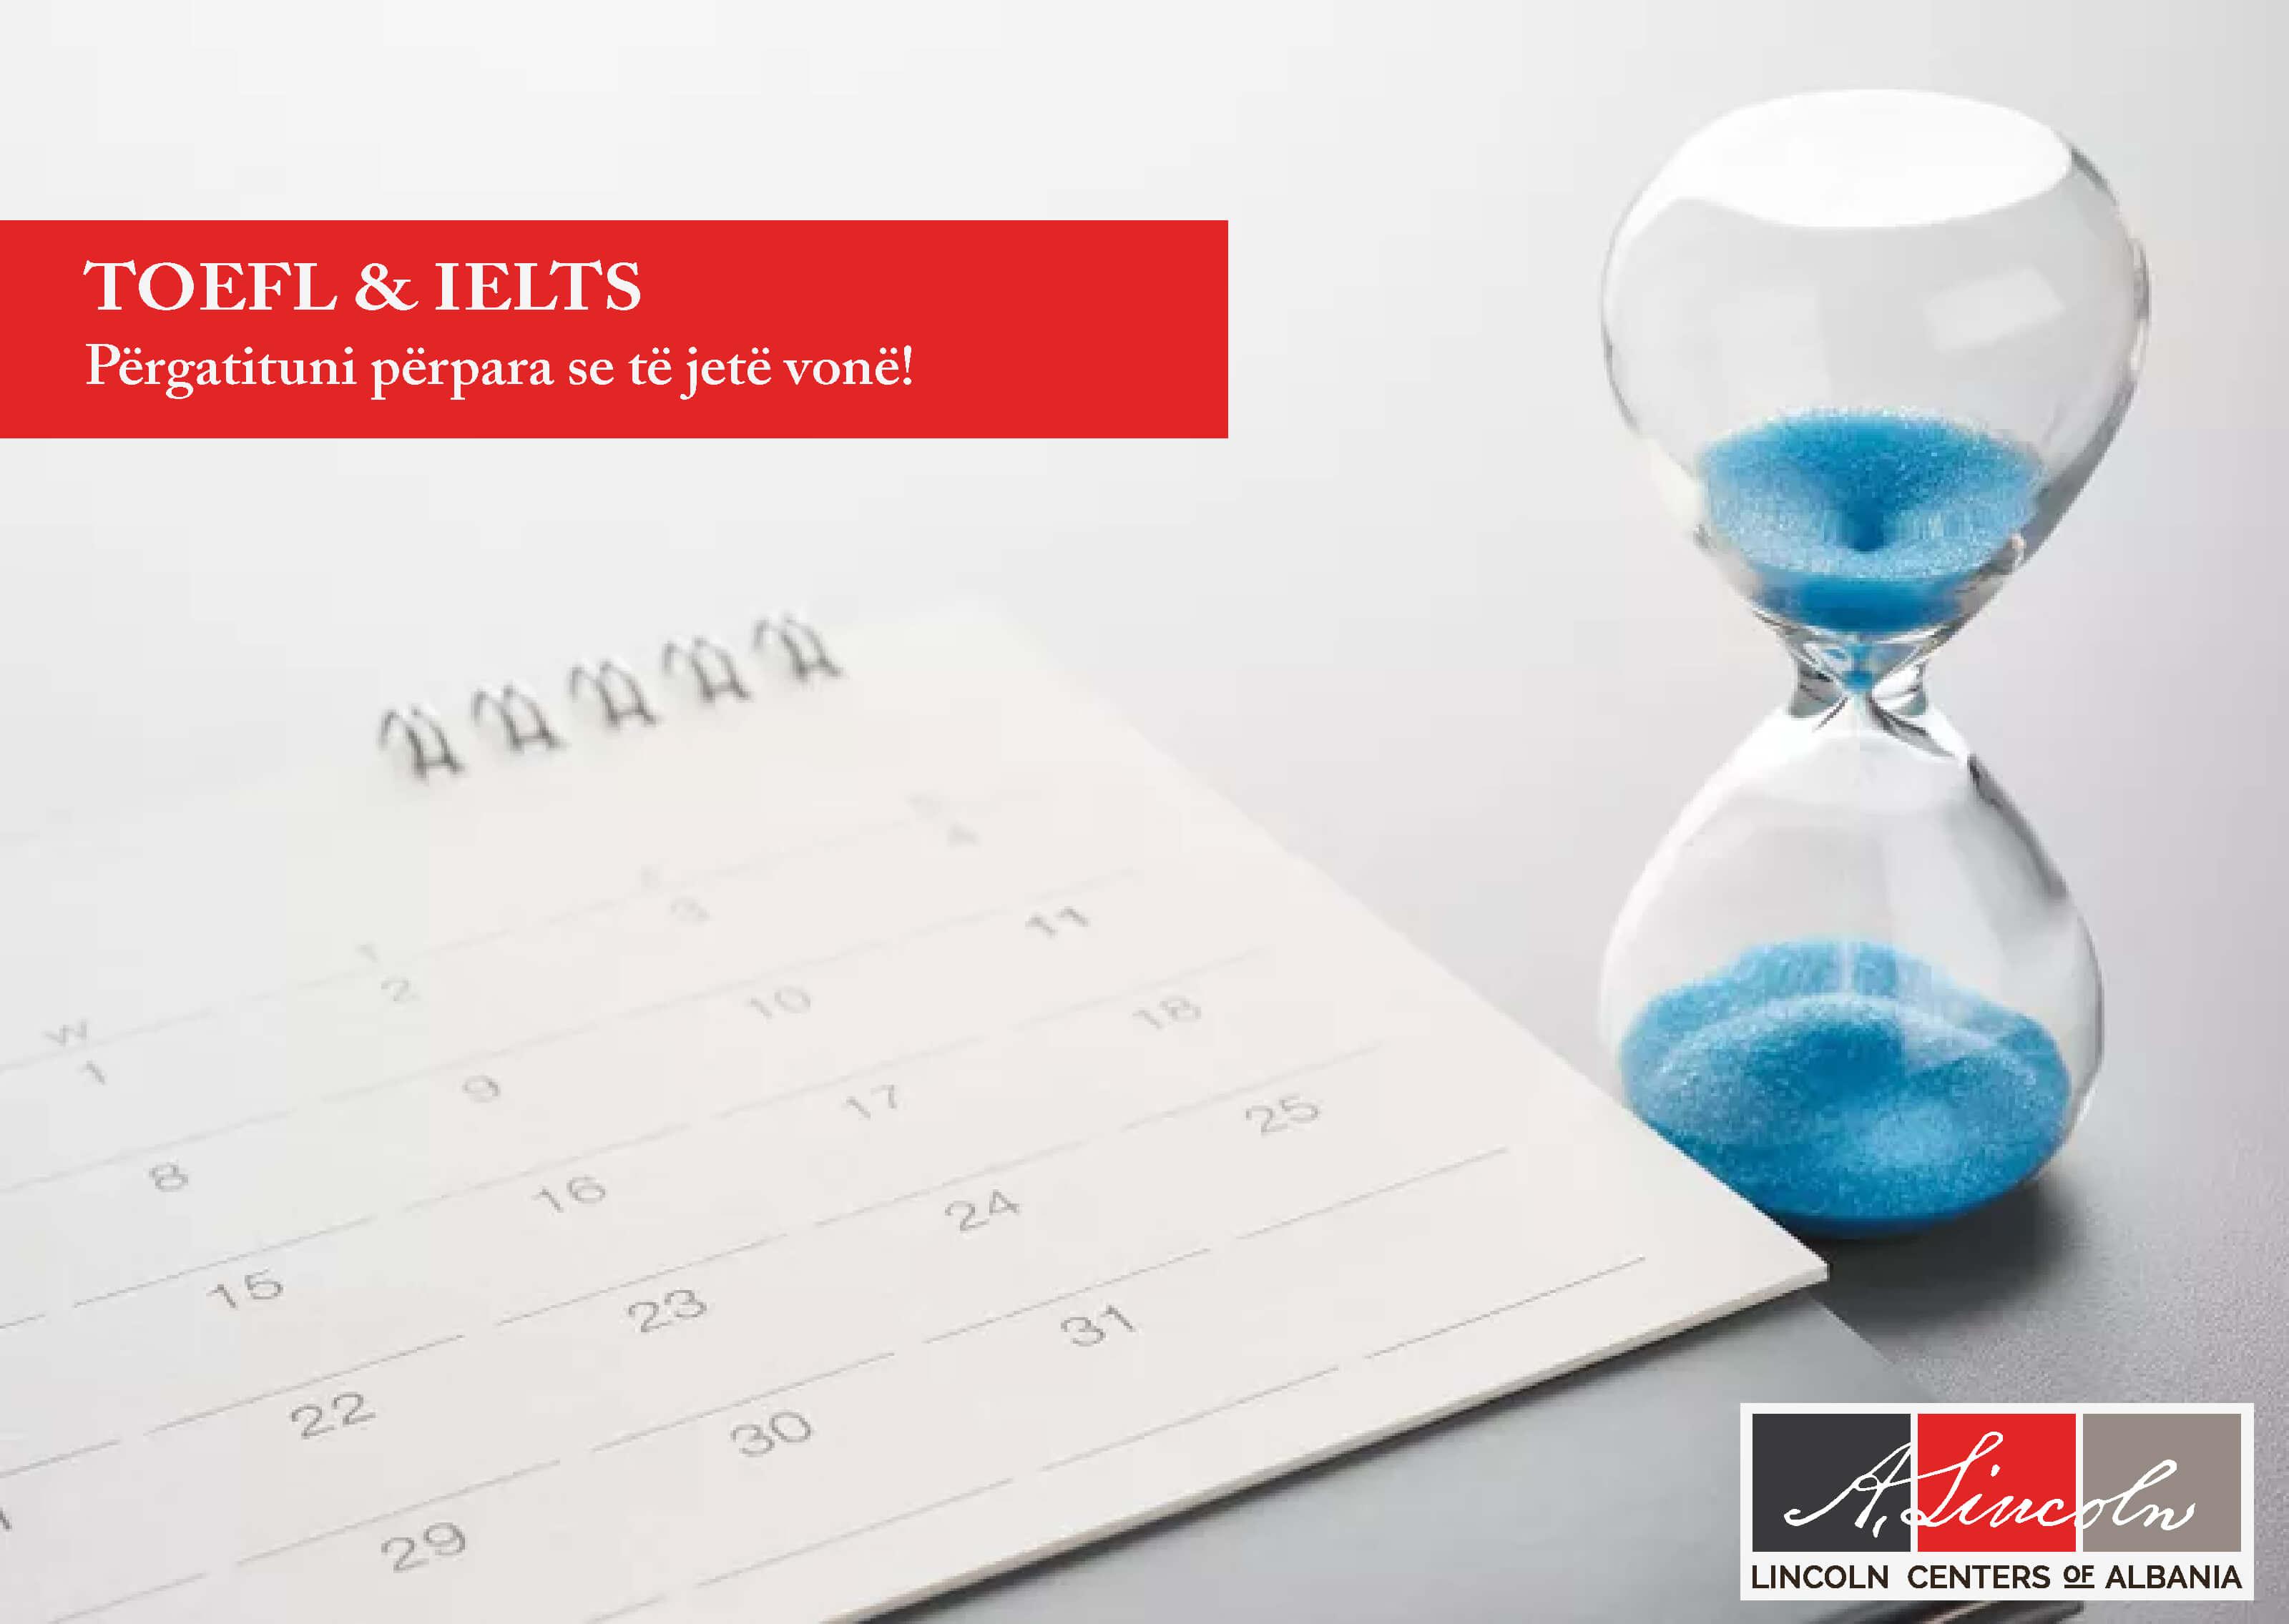 TOEFL & IELTS: Përgatituni përpara se të jetë vonë!